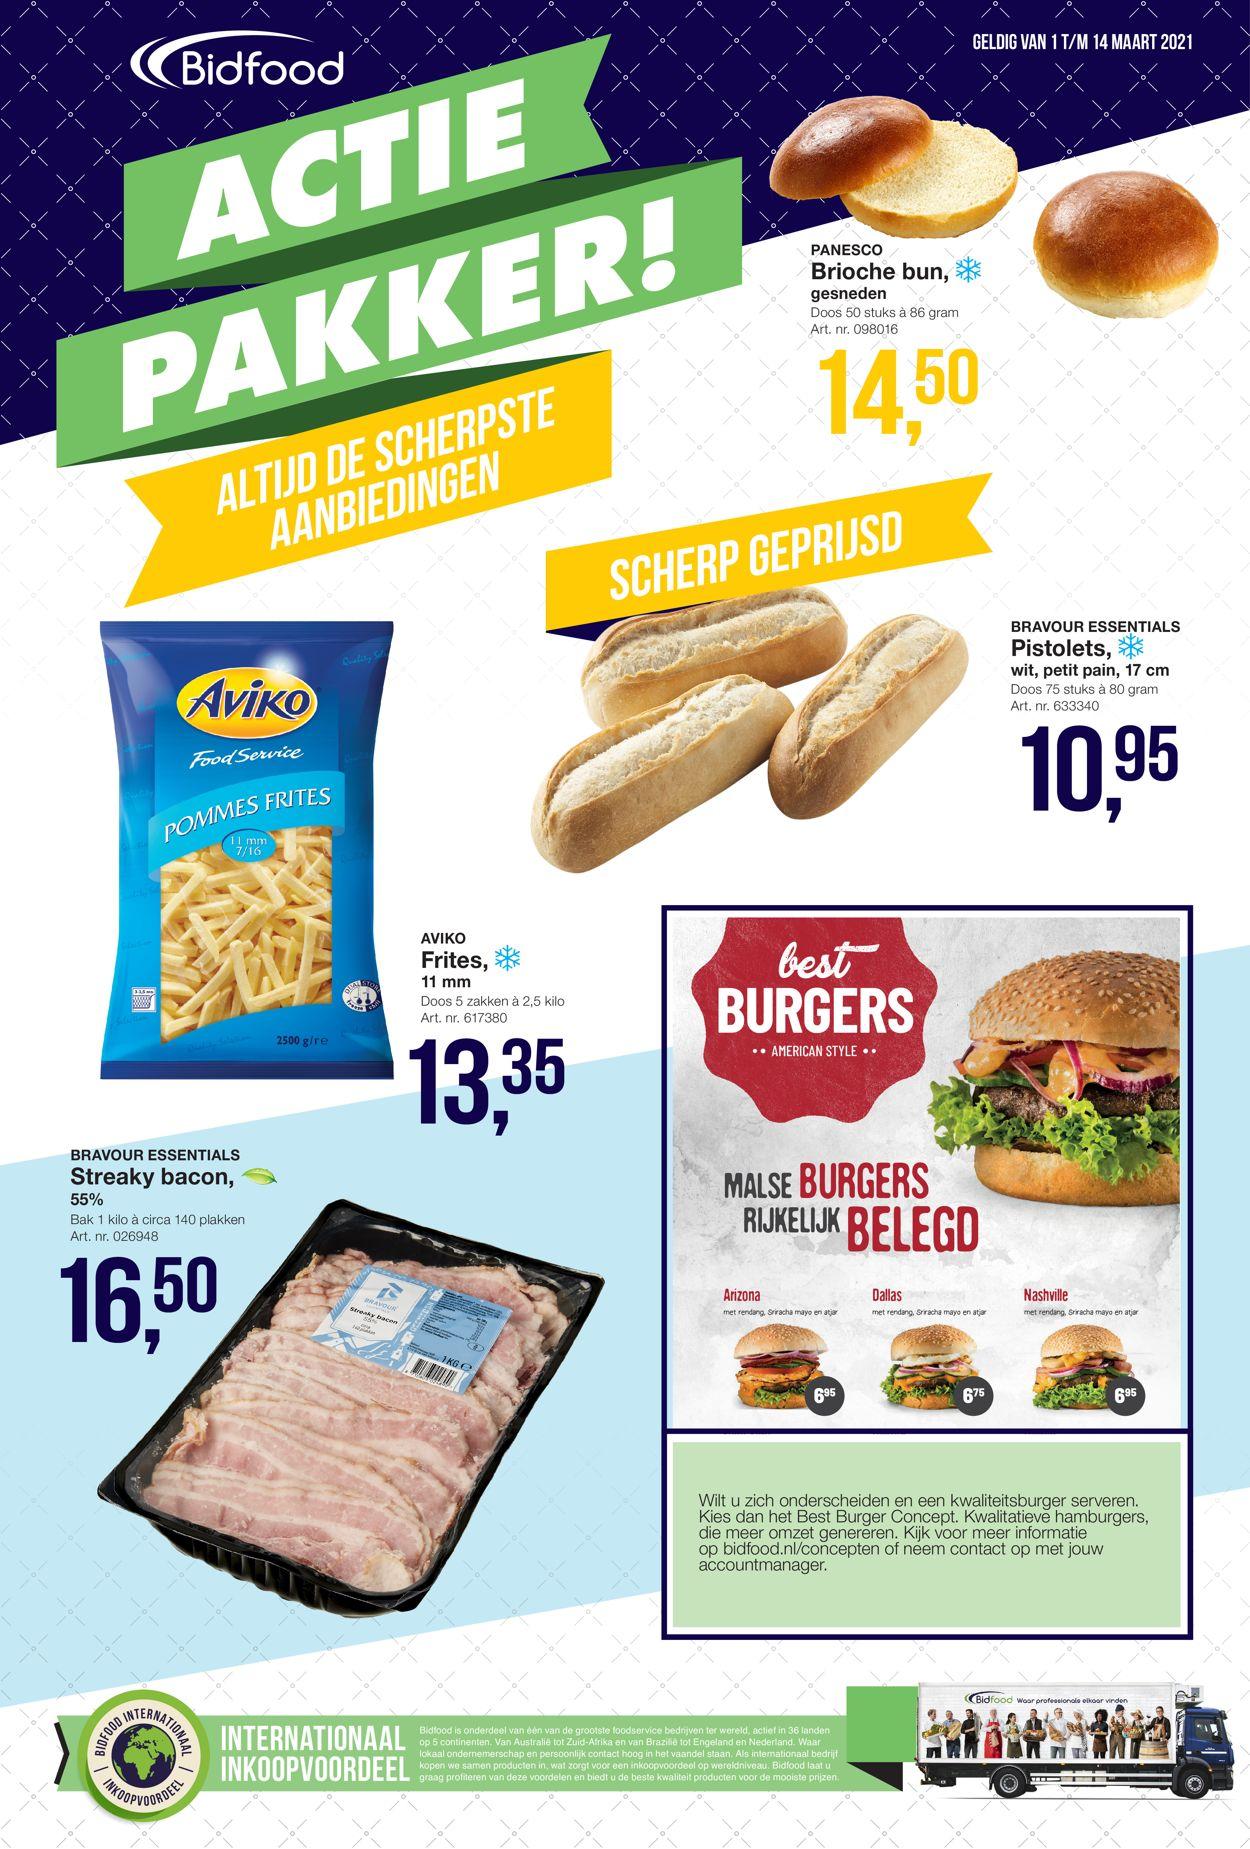 Bidfood Actiepakker Folder - 01.03-14.03.2021